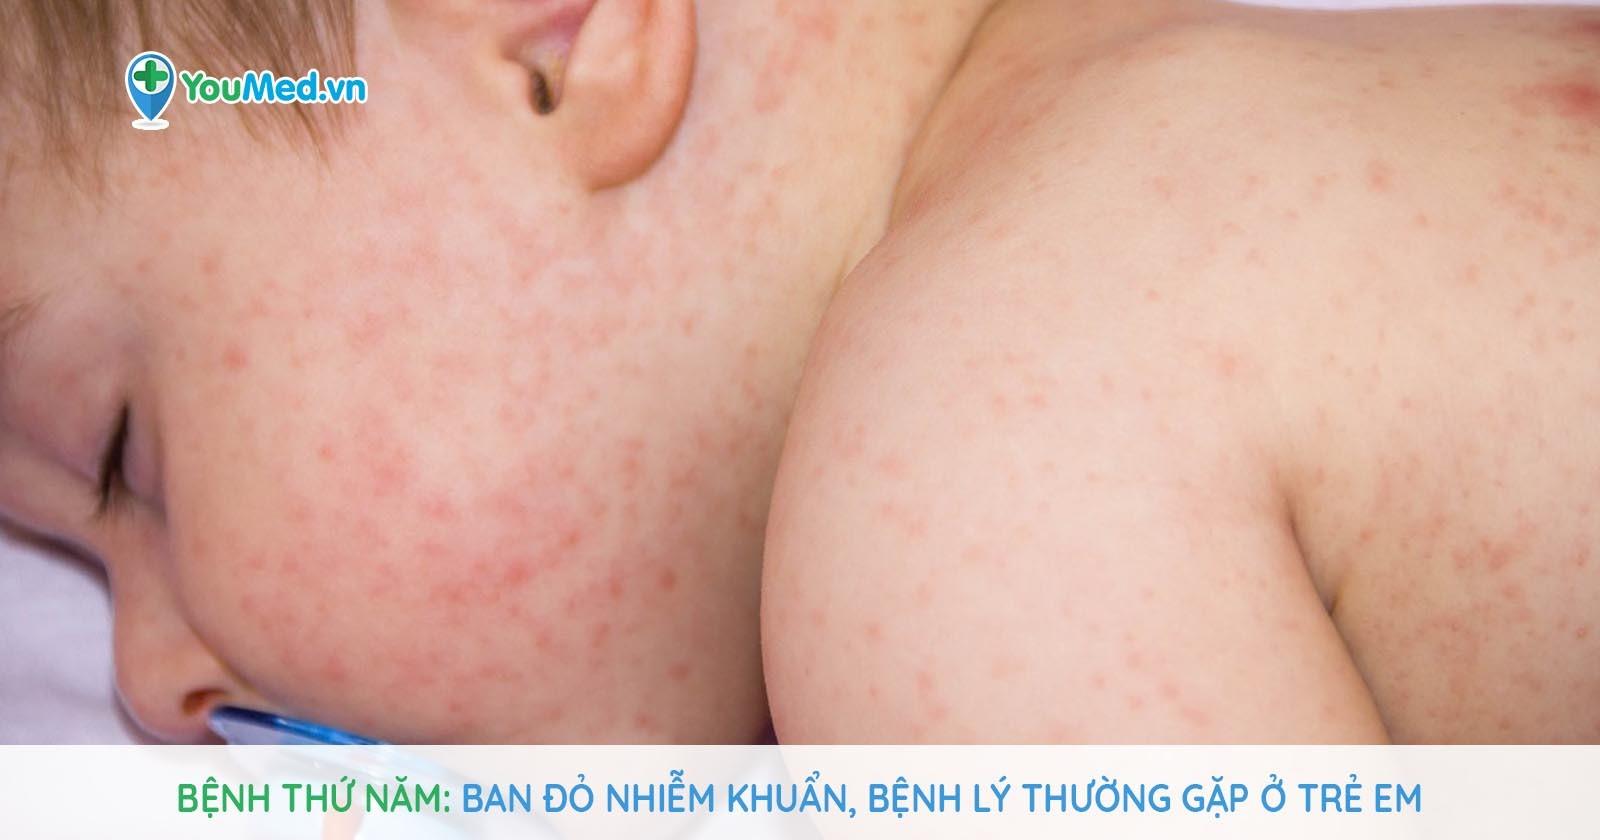 Bệnh thứ năm - Ban đỏ nhiễm khuẩn, bệnh lý thường gặp ở trẻ em